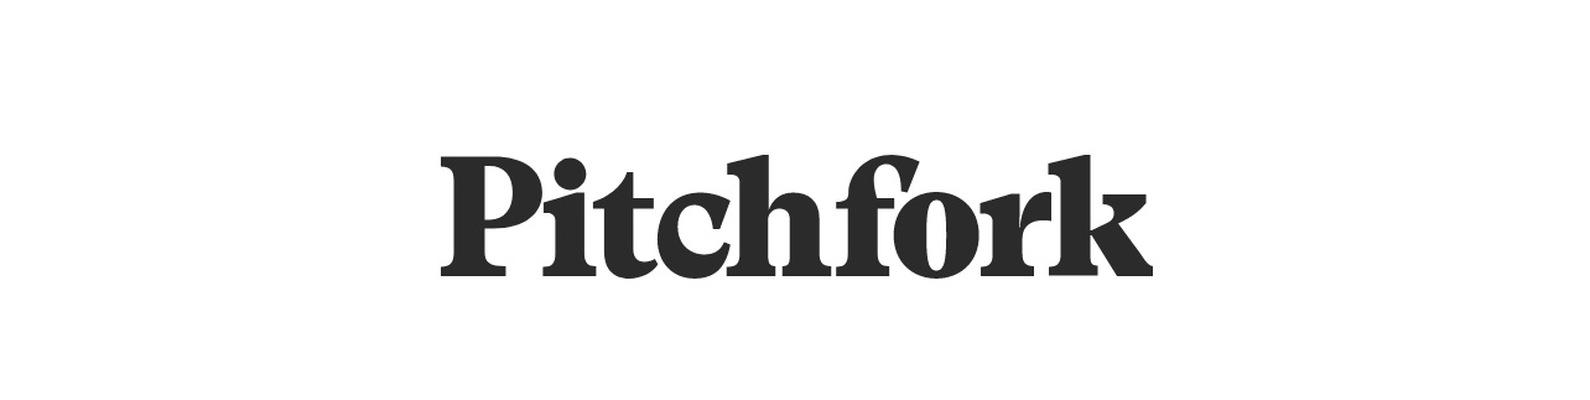 Pitchfork vk malvernweather Gallery